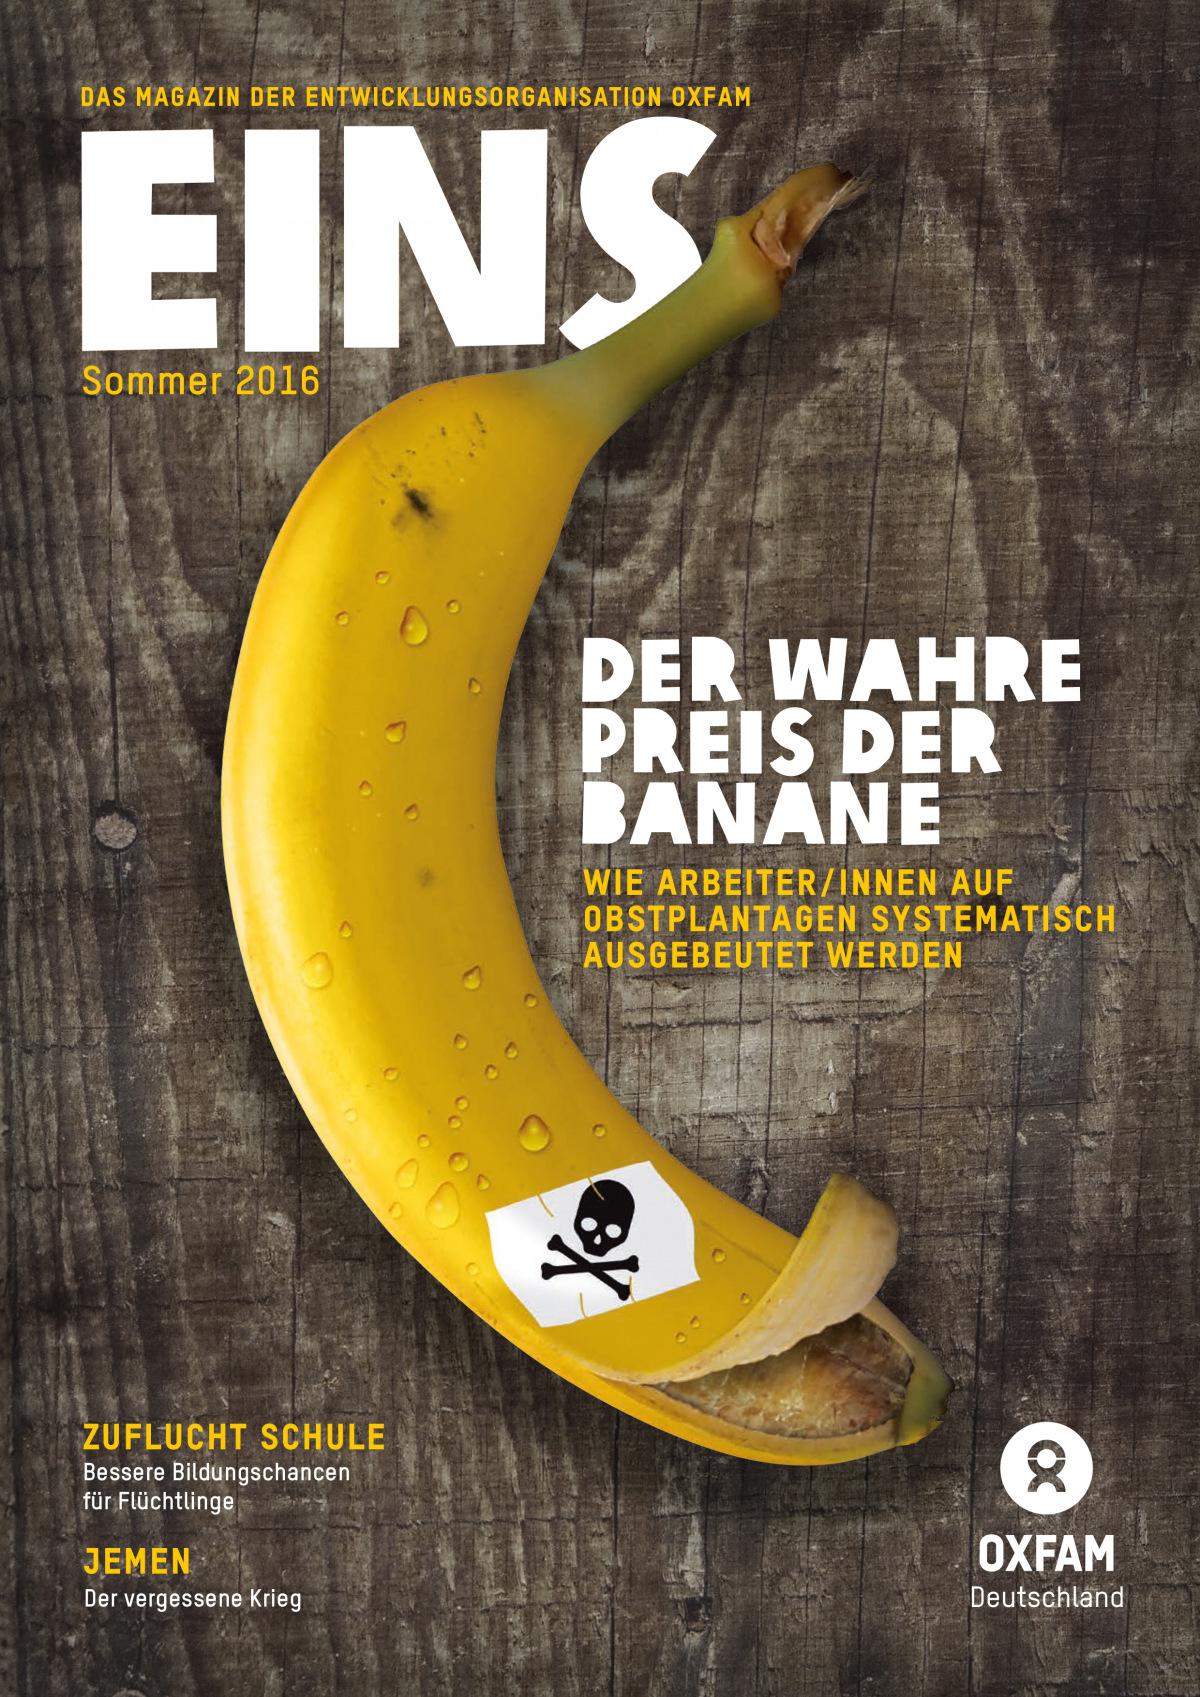 Titelbild vom Oxfam-Magazin EINS (Sommer 2016)